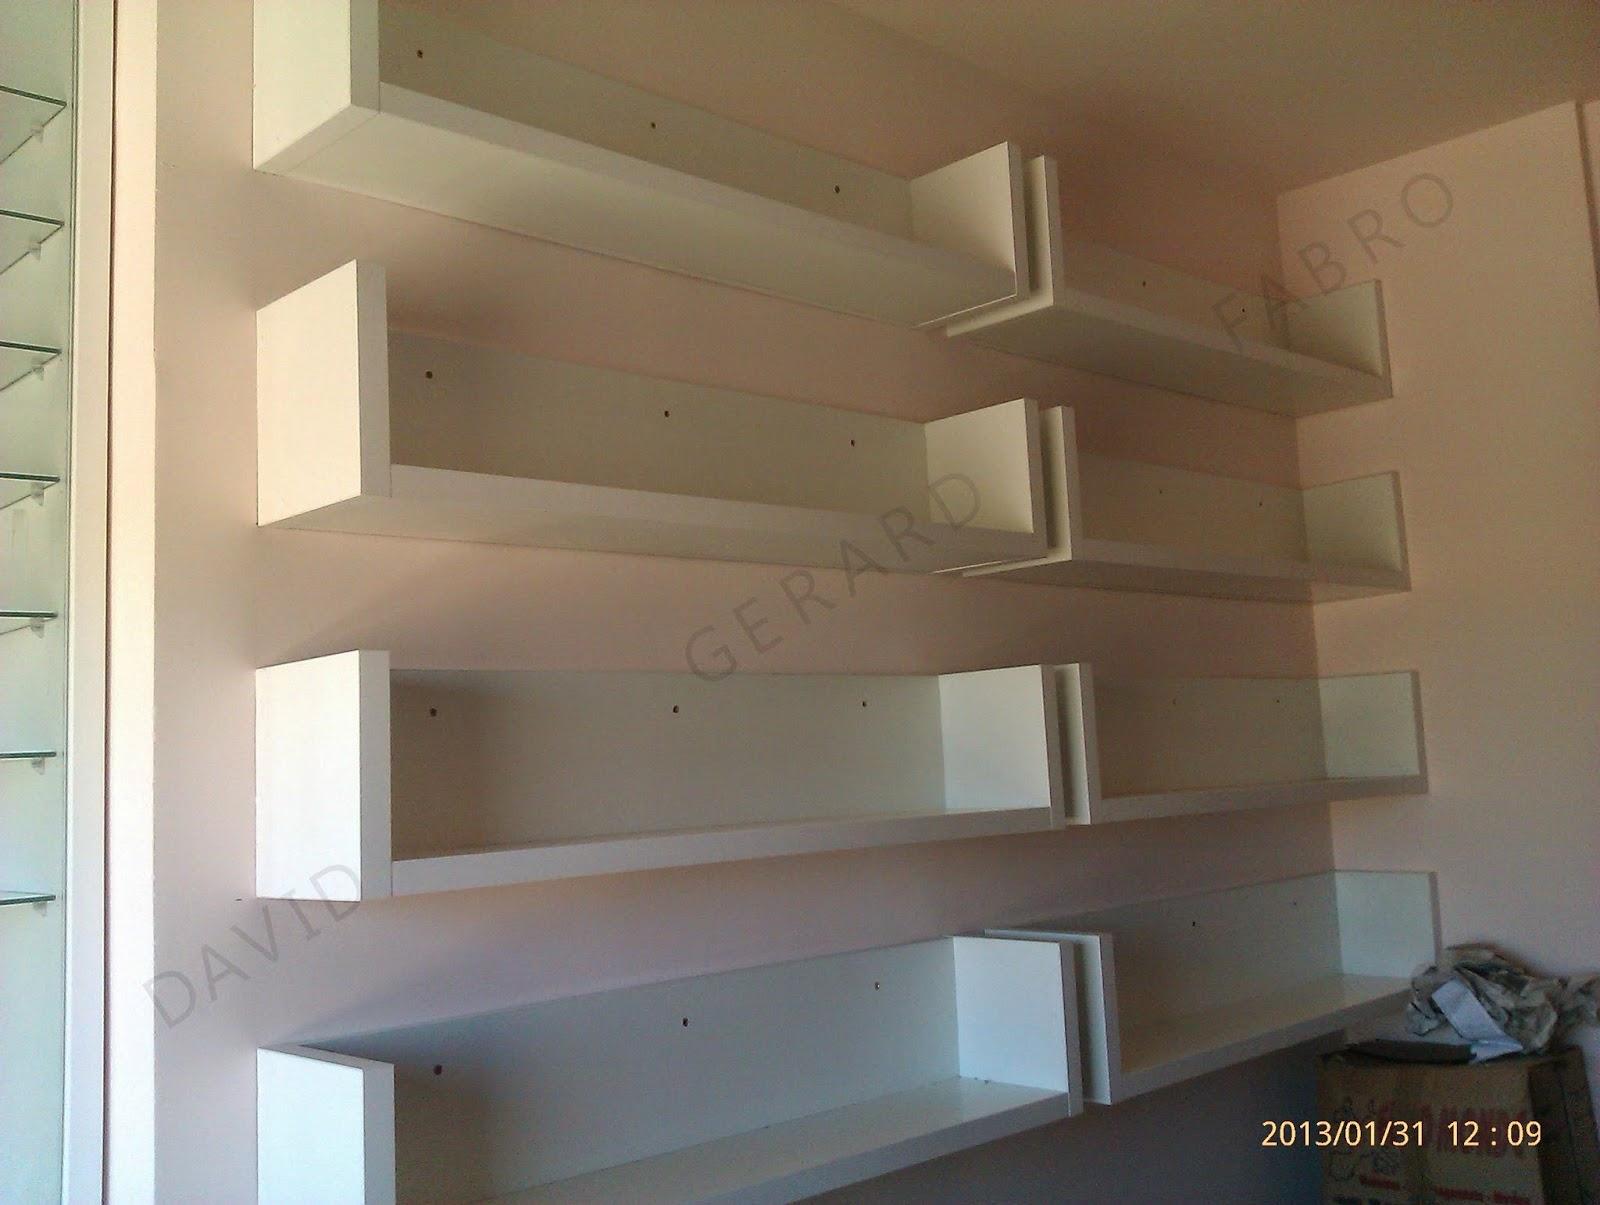 Baldas o lejas blancas atornilladas a la pared